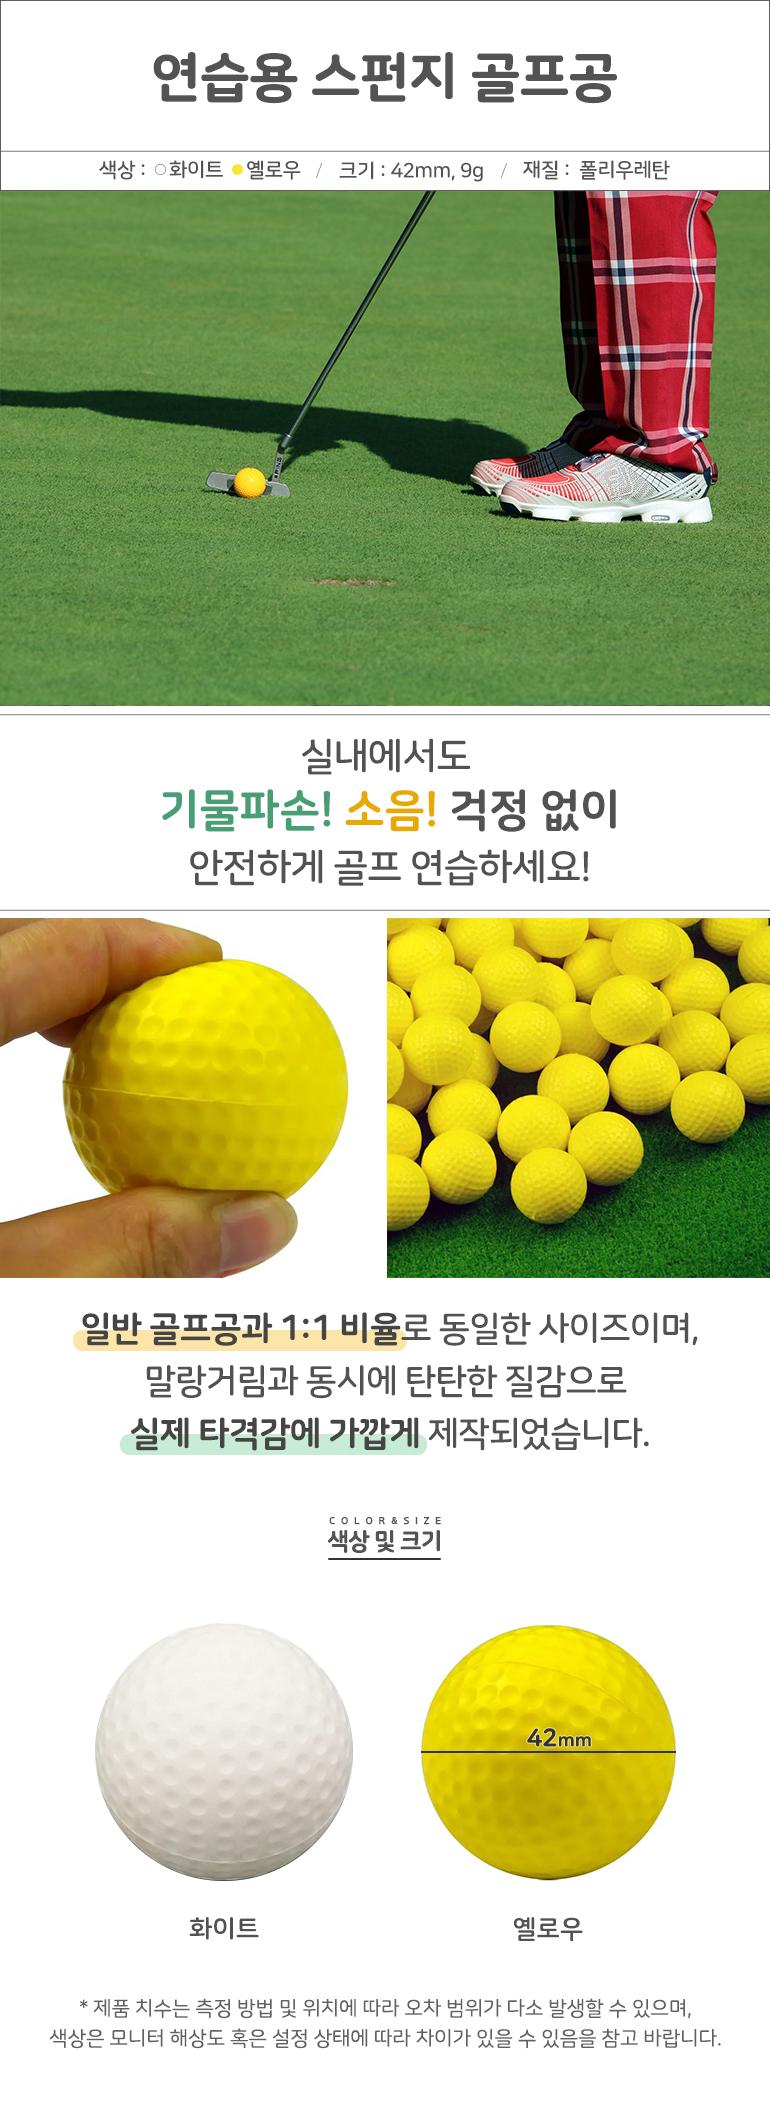 연습용 스펀지 골프공 - 리빙마켓, 1,000원, 골프, 연습용품